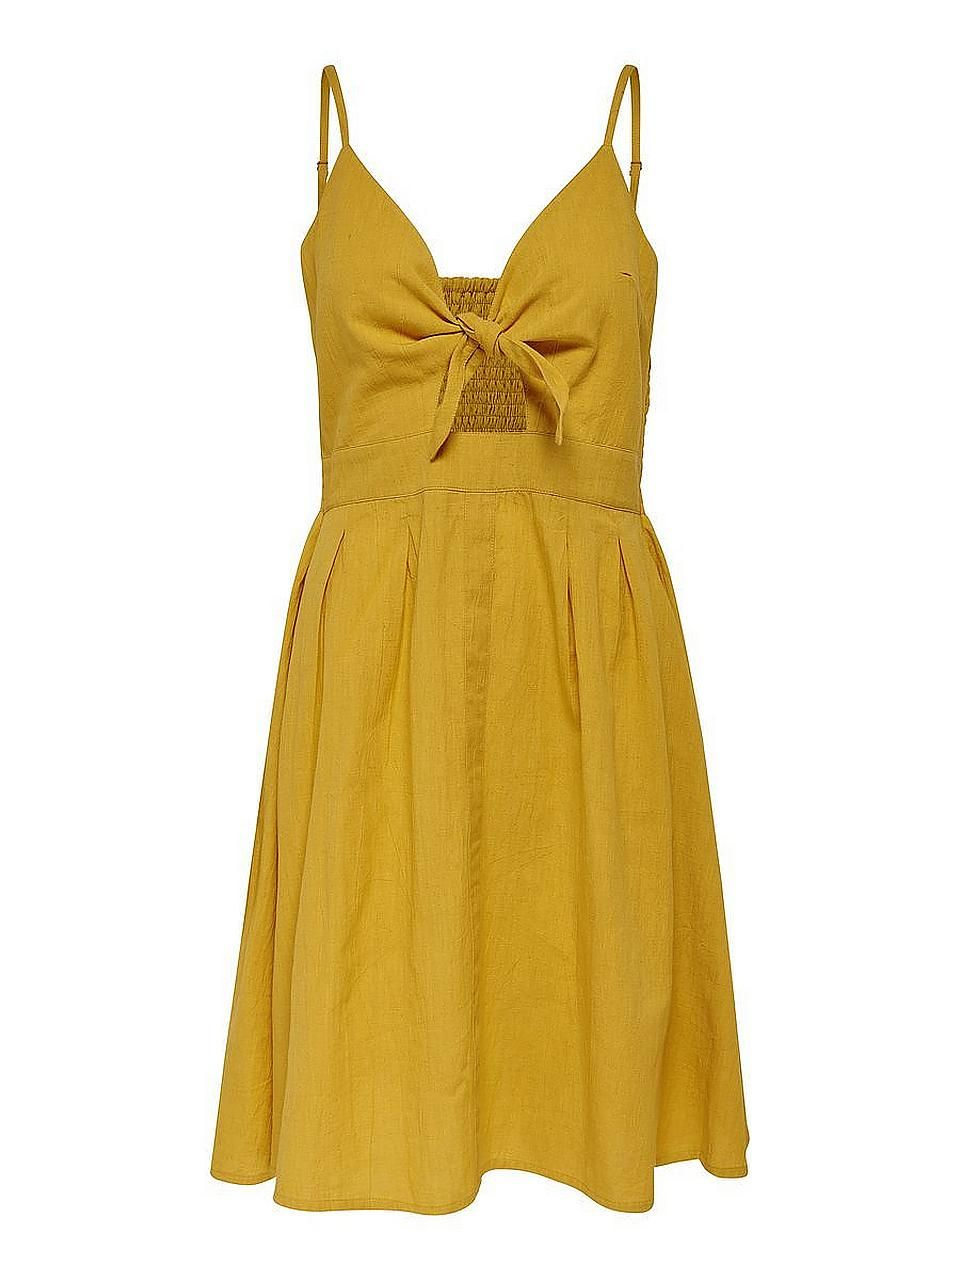 entdecke das perfekte sommer outfit auf baur.de! auf unserem